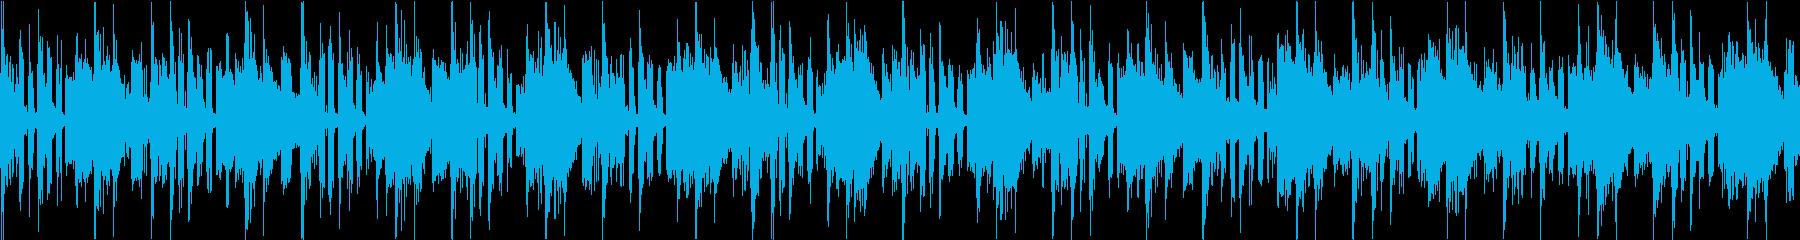 【ループ素材】 どきどきシンキングタイムの再生済みの波形